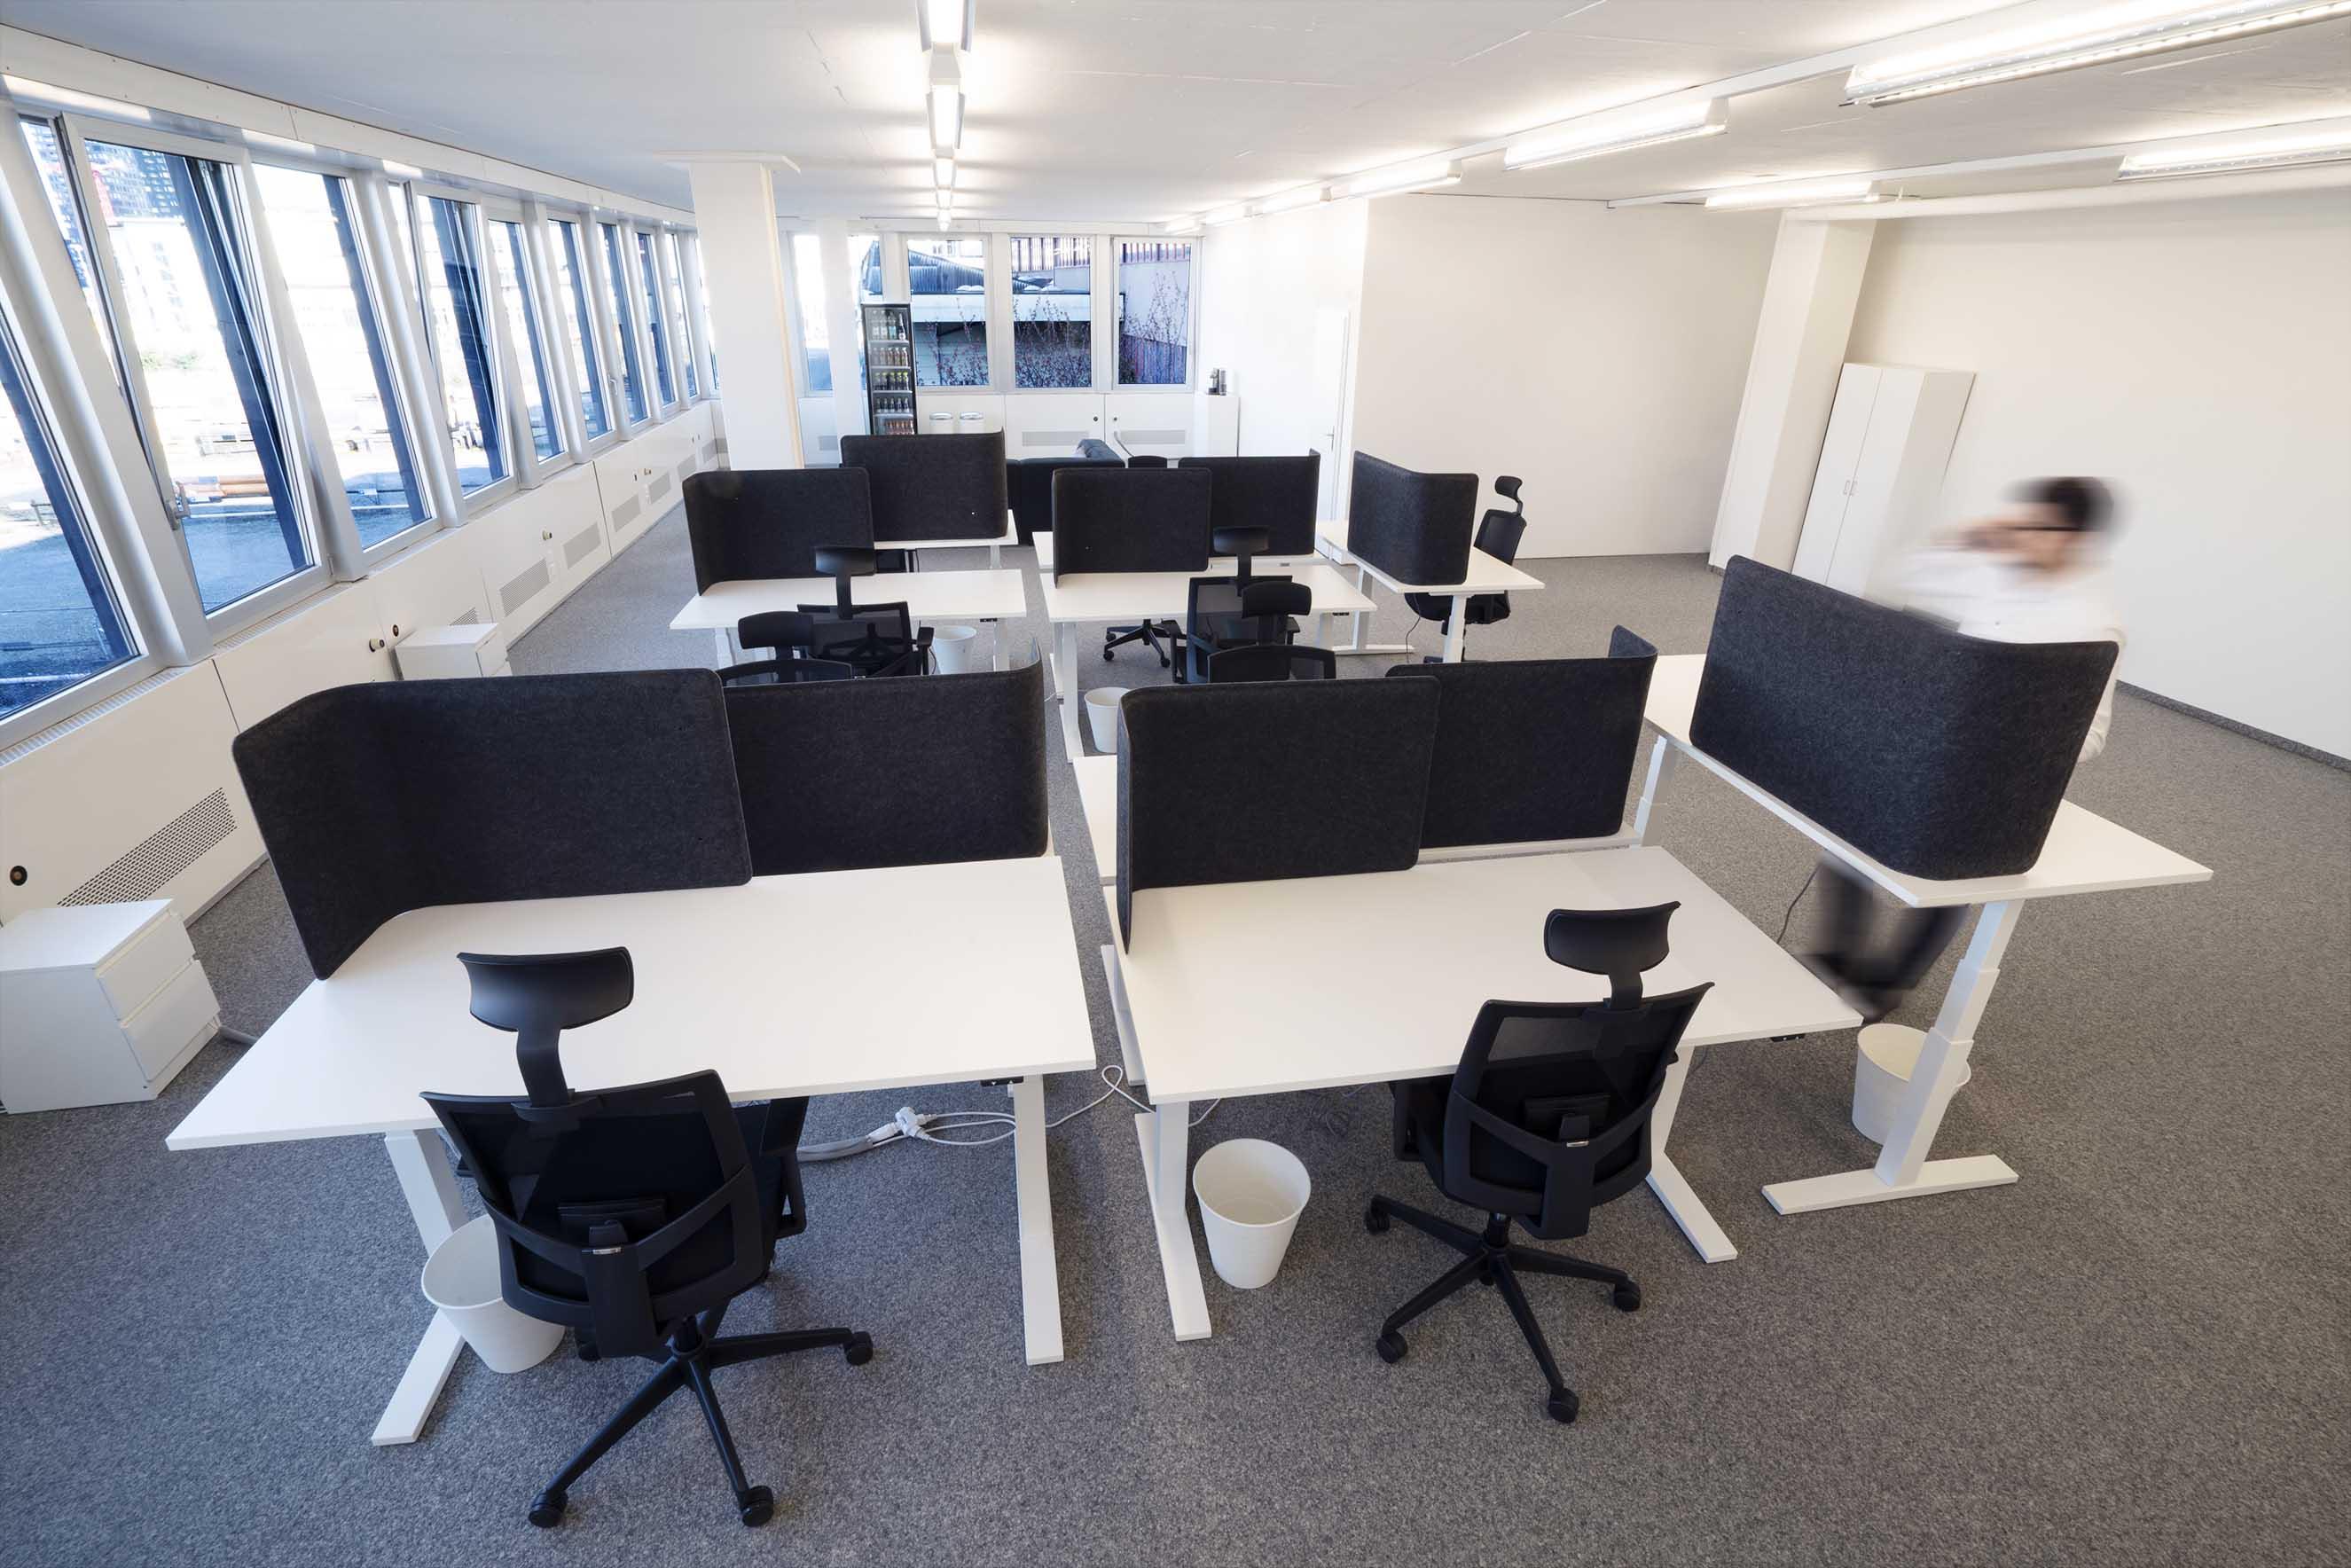 Arbeitsplätze, Stehtische, ergonomisch, akustikwände